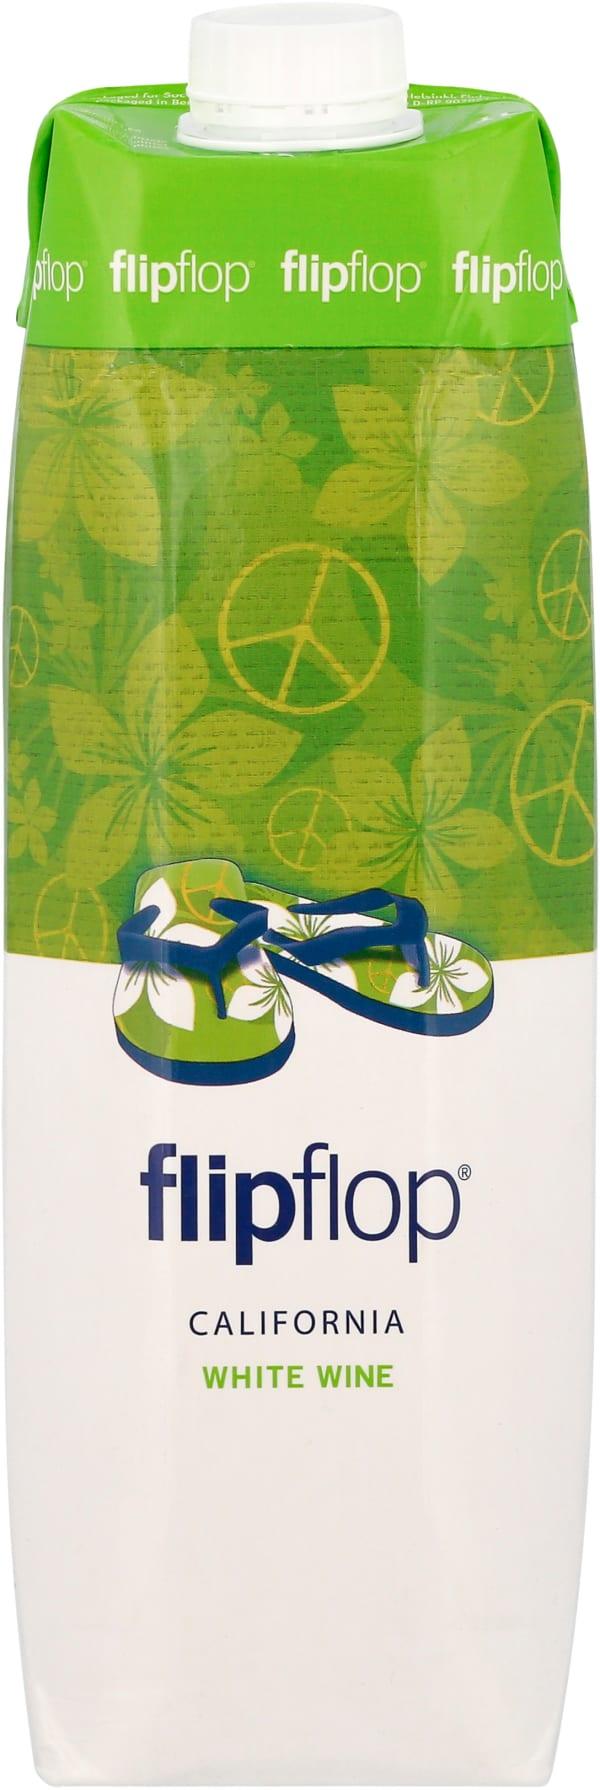 FlipFlop Californian White 2018 kartongförpackning